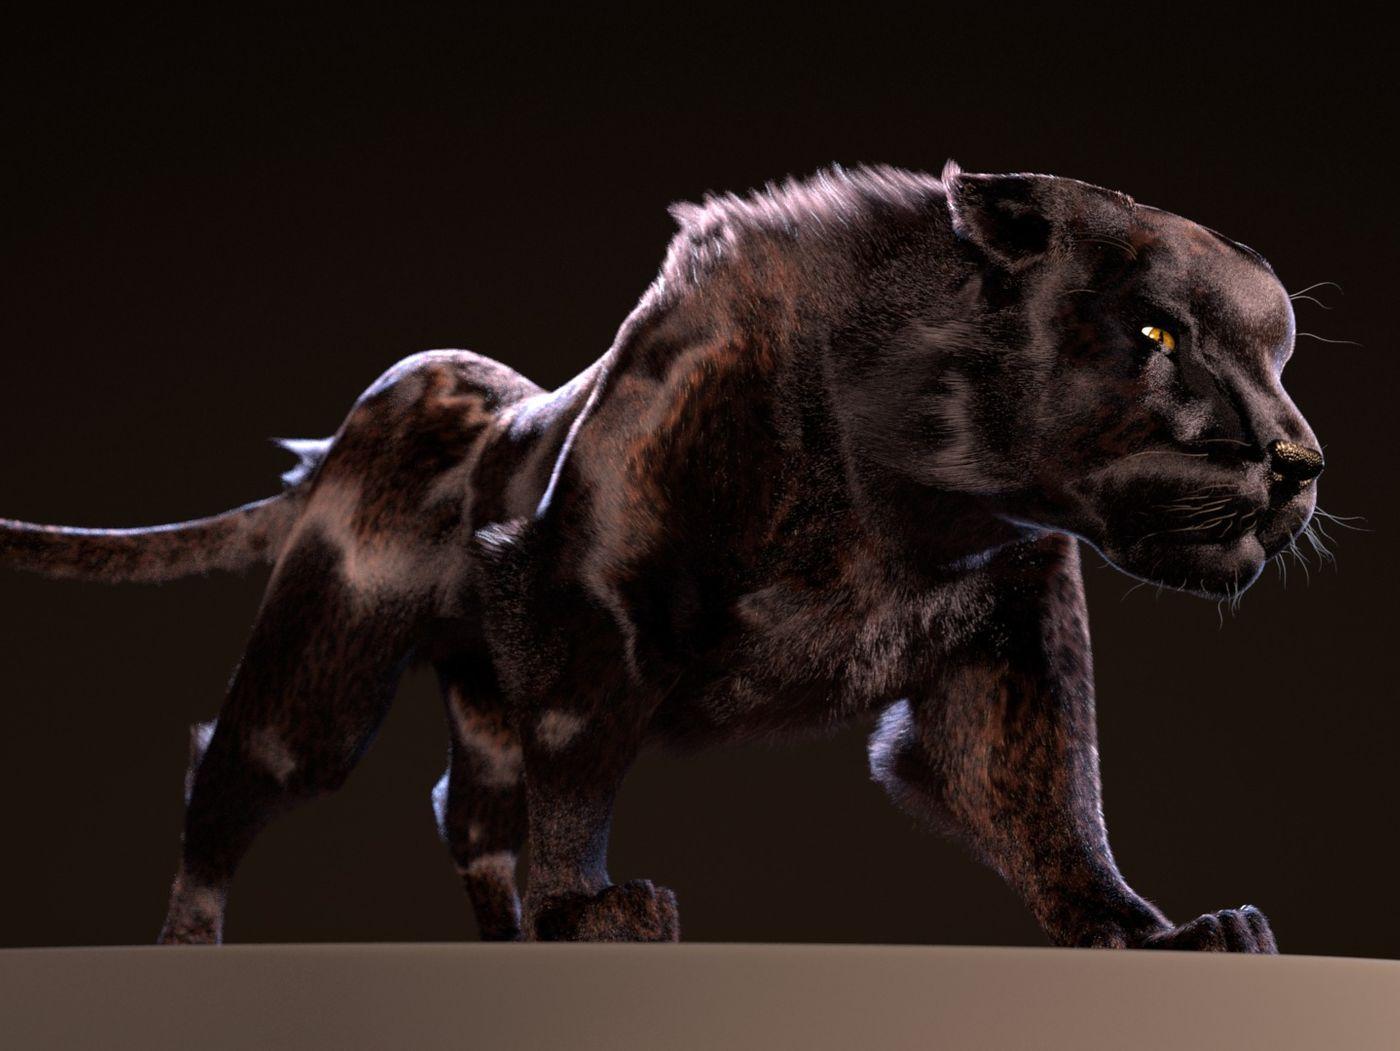 Fur - panther